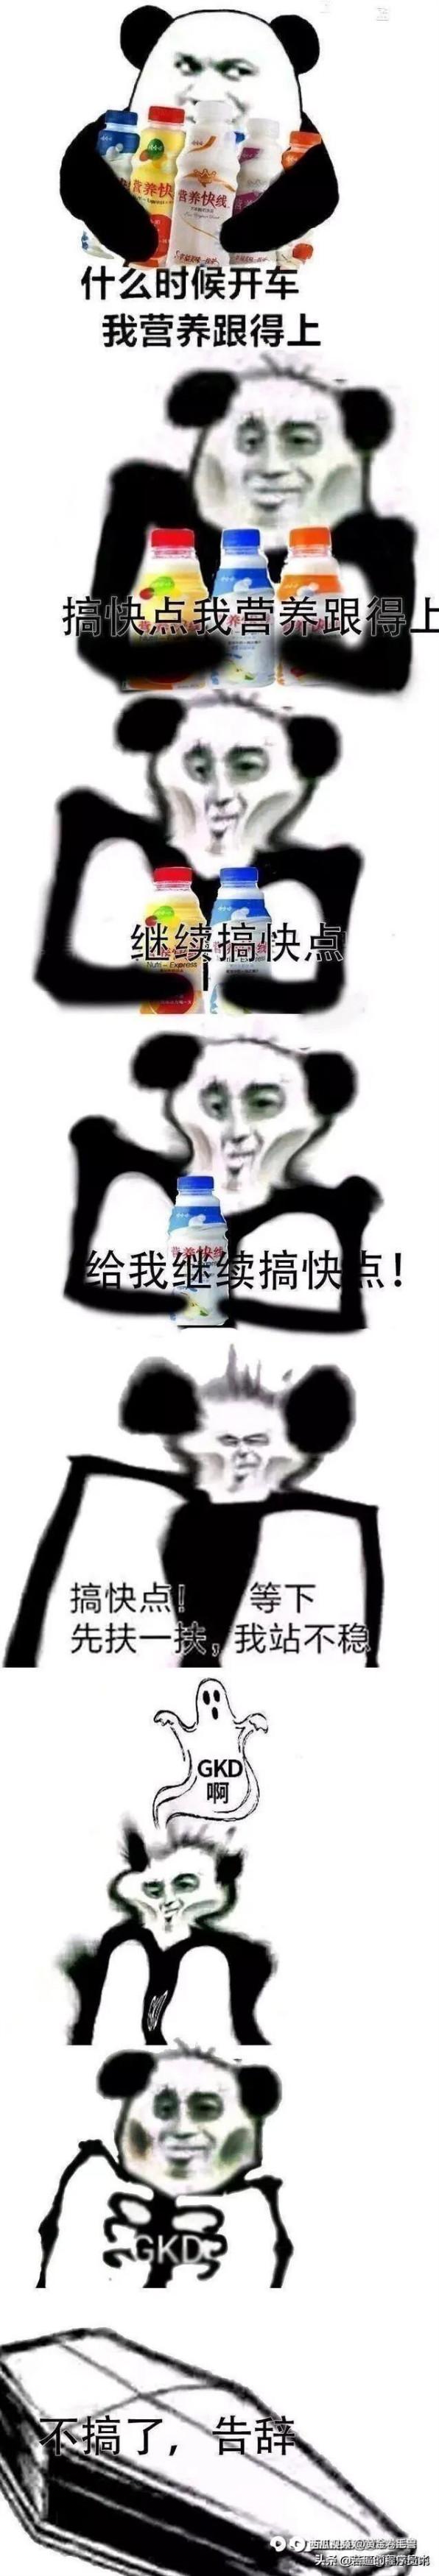 快手福利营养快线精品养眼车合集分享